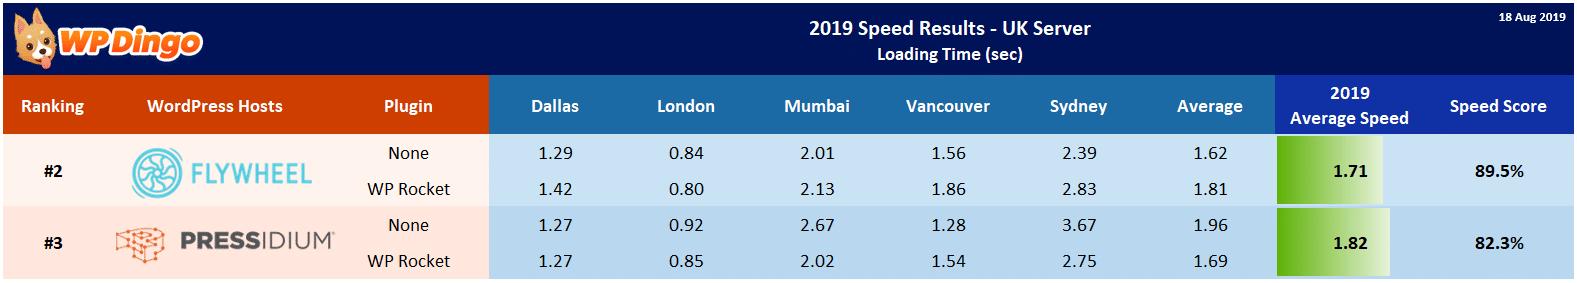 2019 Flywheel vs Pressidium Speed Table - UK Server